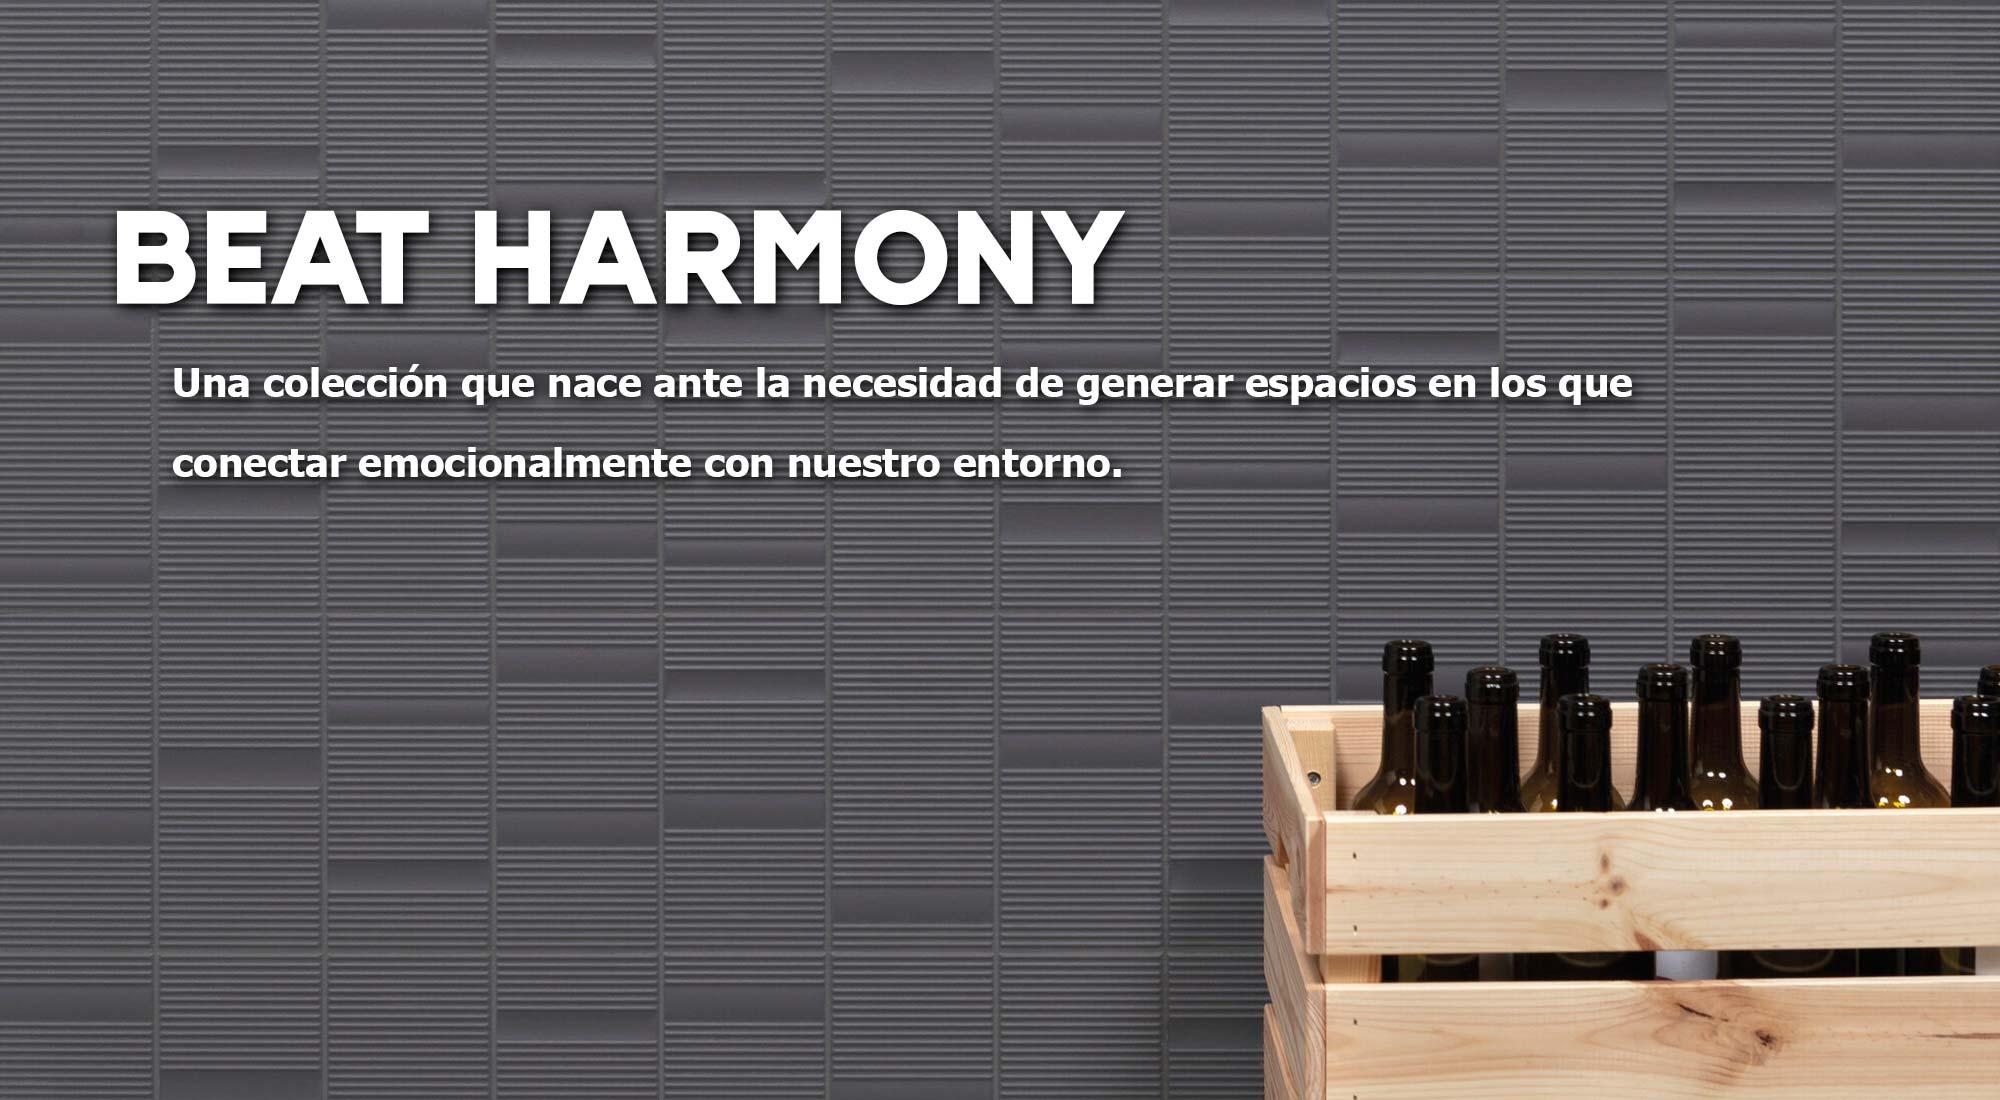 Beat Harmony Colección que nace ante la necesidad de generar espacios en los que encontrarnos en calma y relajados. | Terrapilar